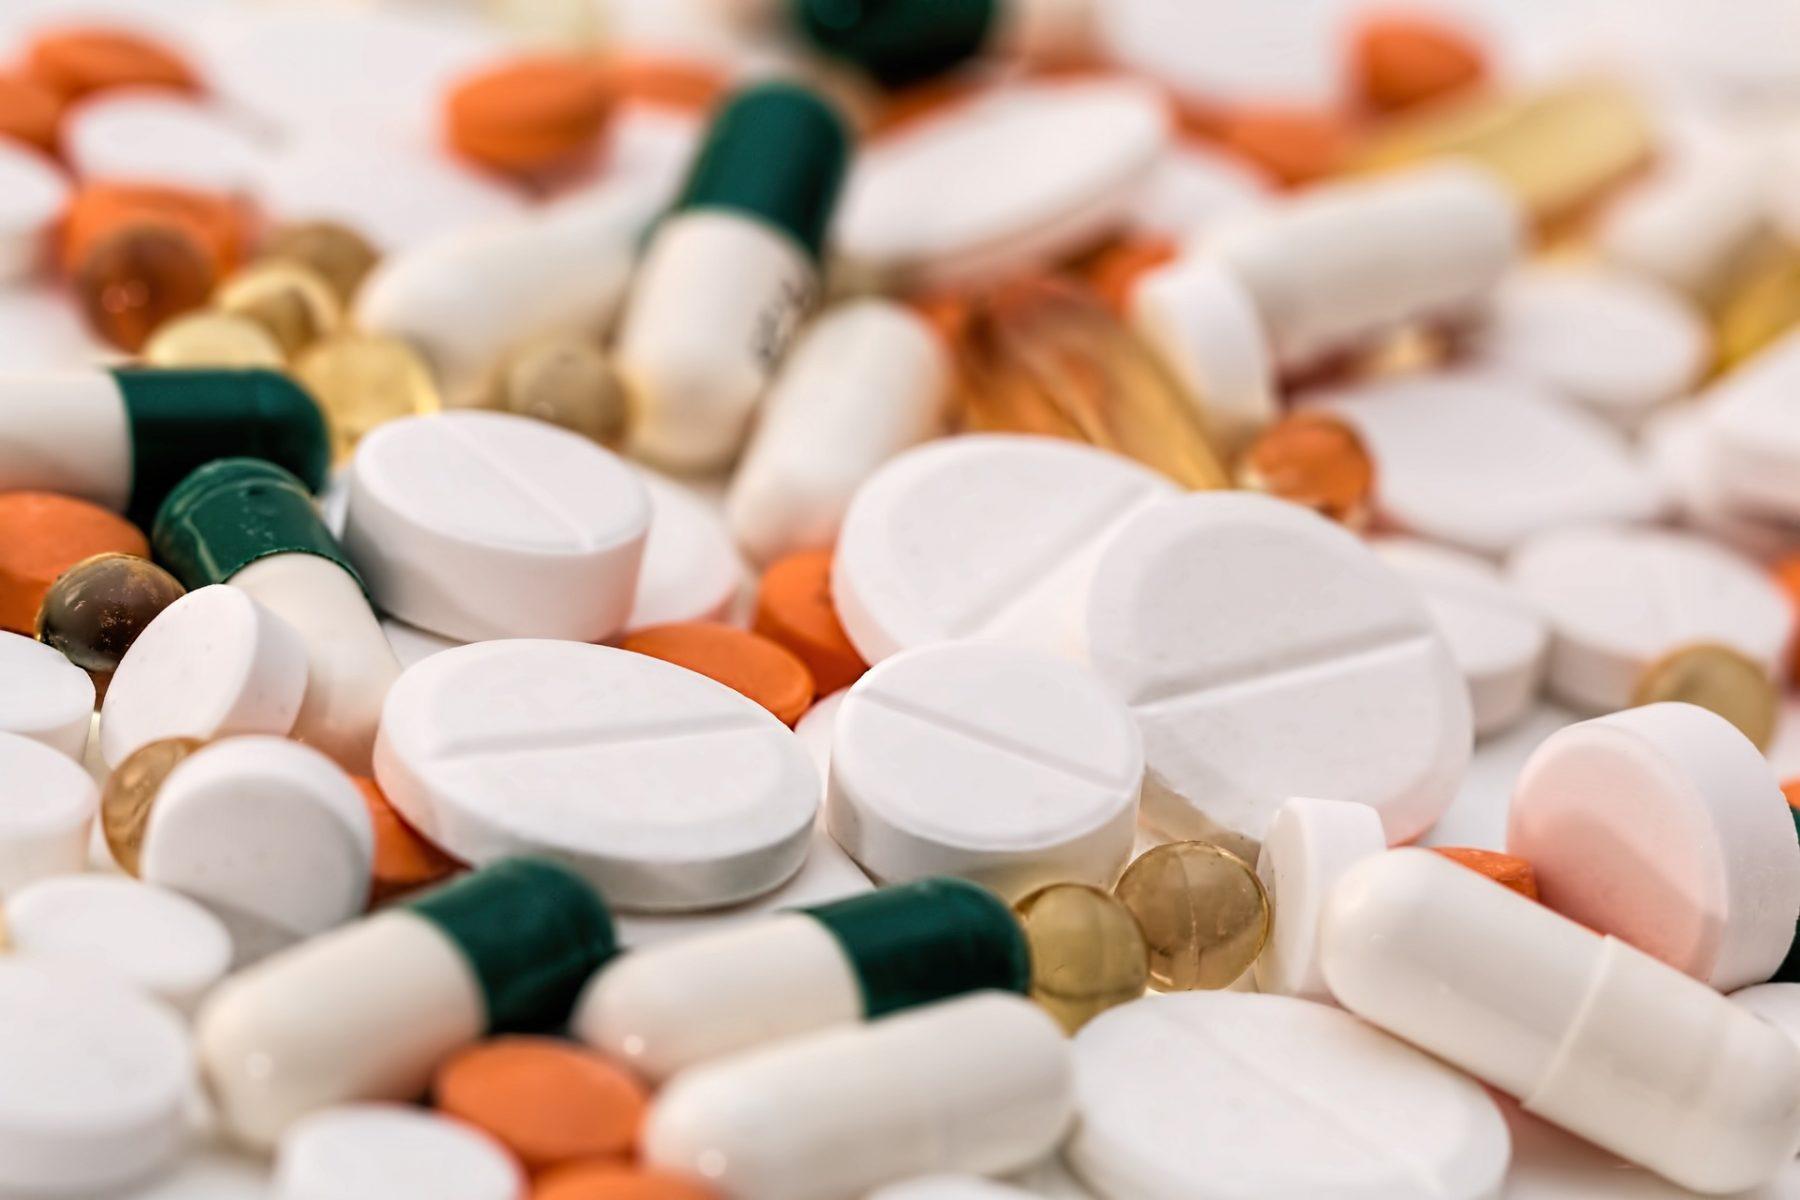 vitamine C et zinc pour combattre le rhume